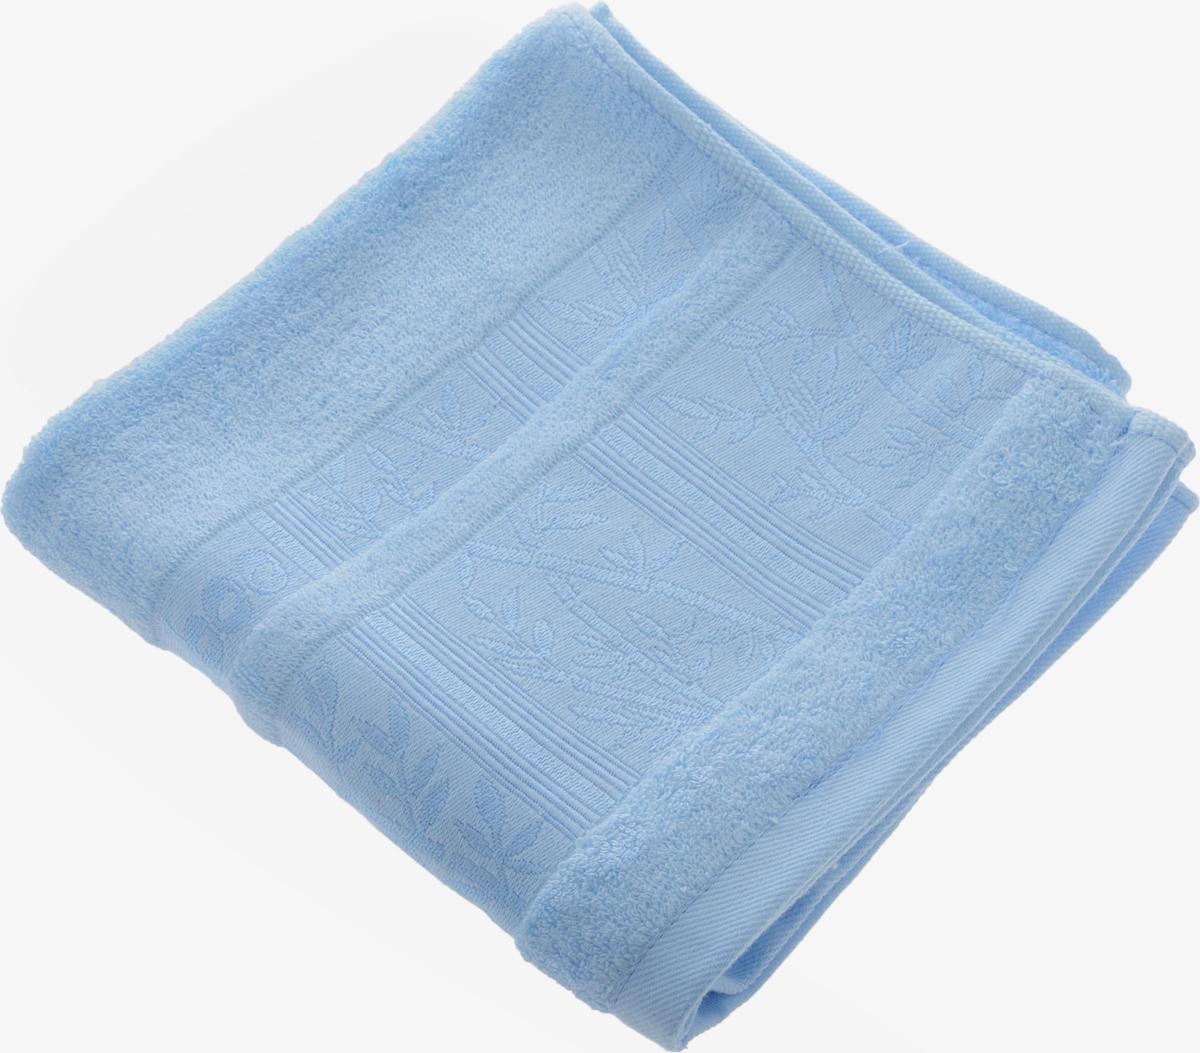 Полотенце Soavita Carol, цвет: голубой, 45 х 90 см80663Полотенце Soavita Carol выполнено из 100% бамбукового волокна. Изделие отлично впитывает влагу, быстро сохнет, сохраняет яркость цвета и не теряет форму даже после многократных стирок. Полотенце очень практично и неприхотливо в уходе. Оно создаст прекрасное настроение и украсит интерьер в ванной комнате.Рекомендуется стирка при температуре 40°C.